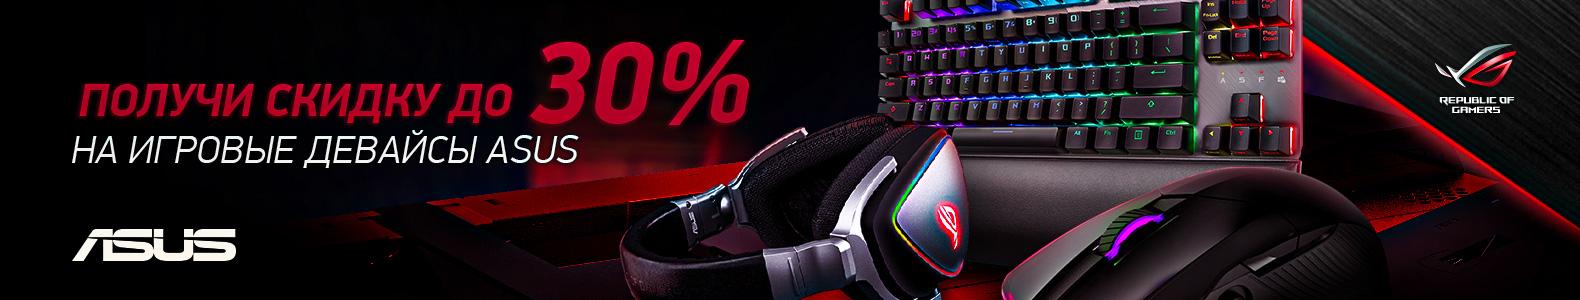 Скидки на игровую периферию Asus до 30%